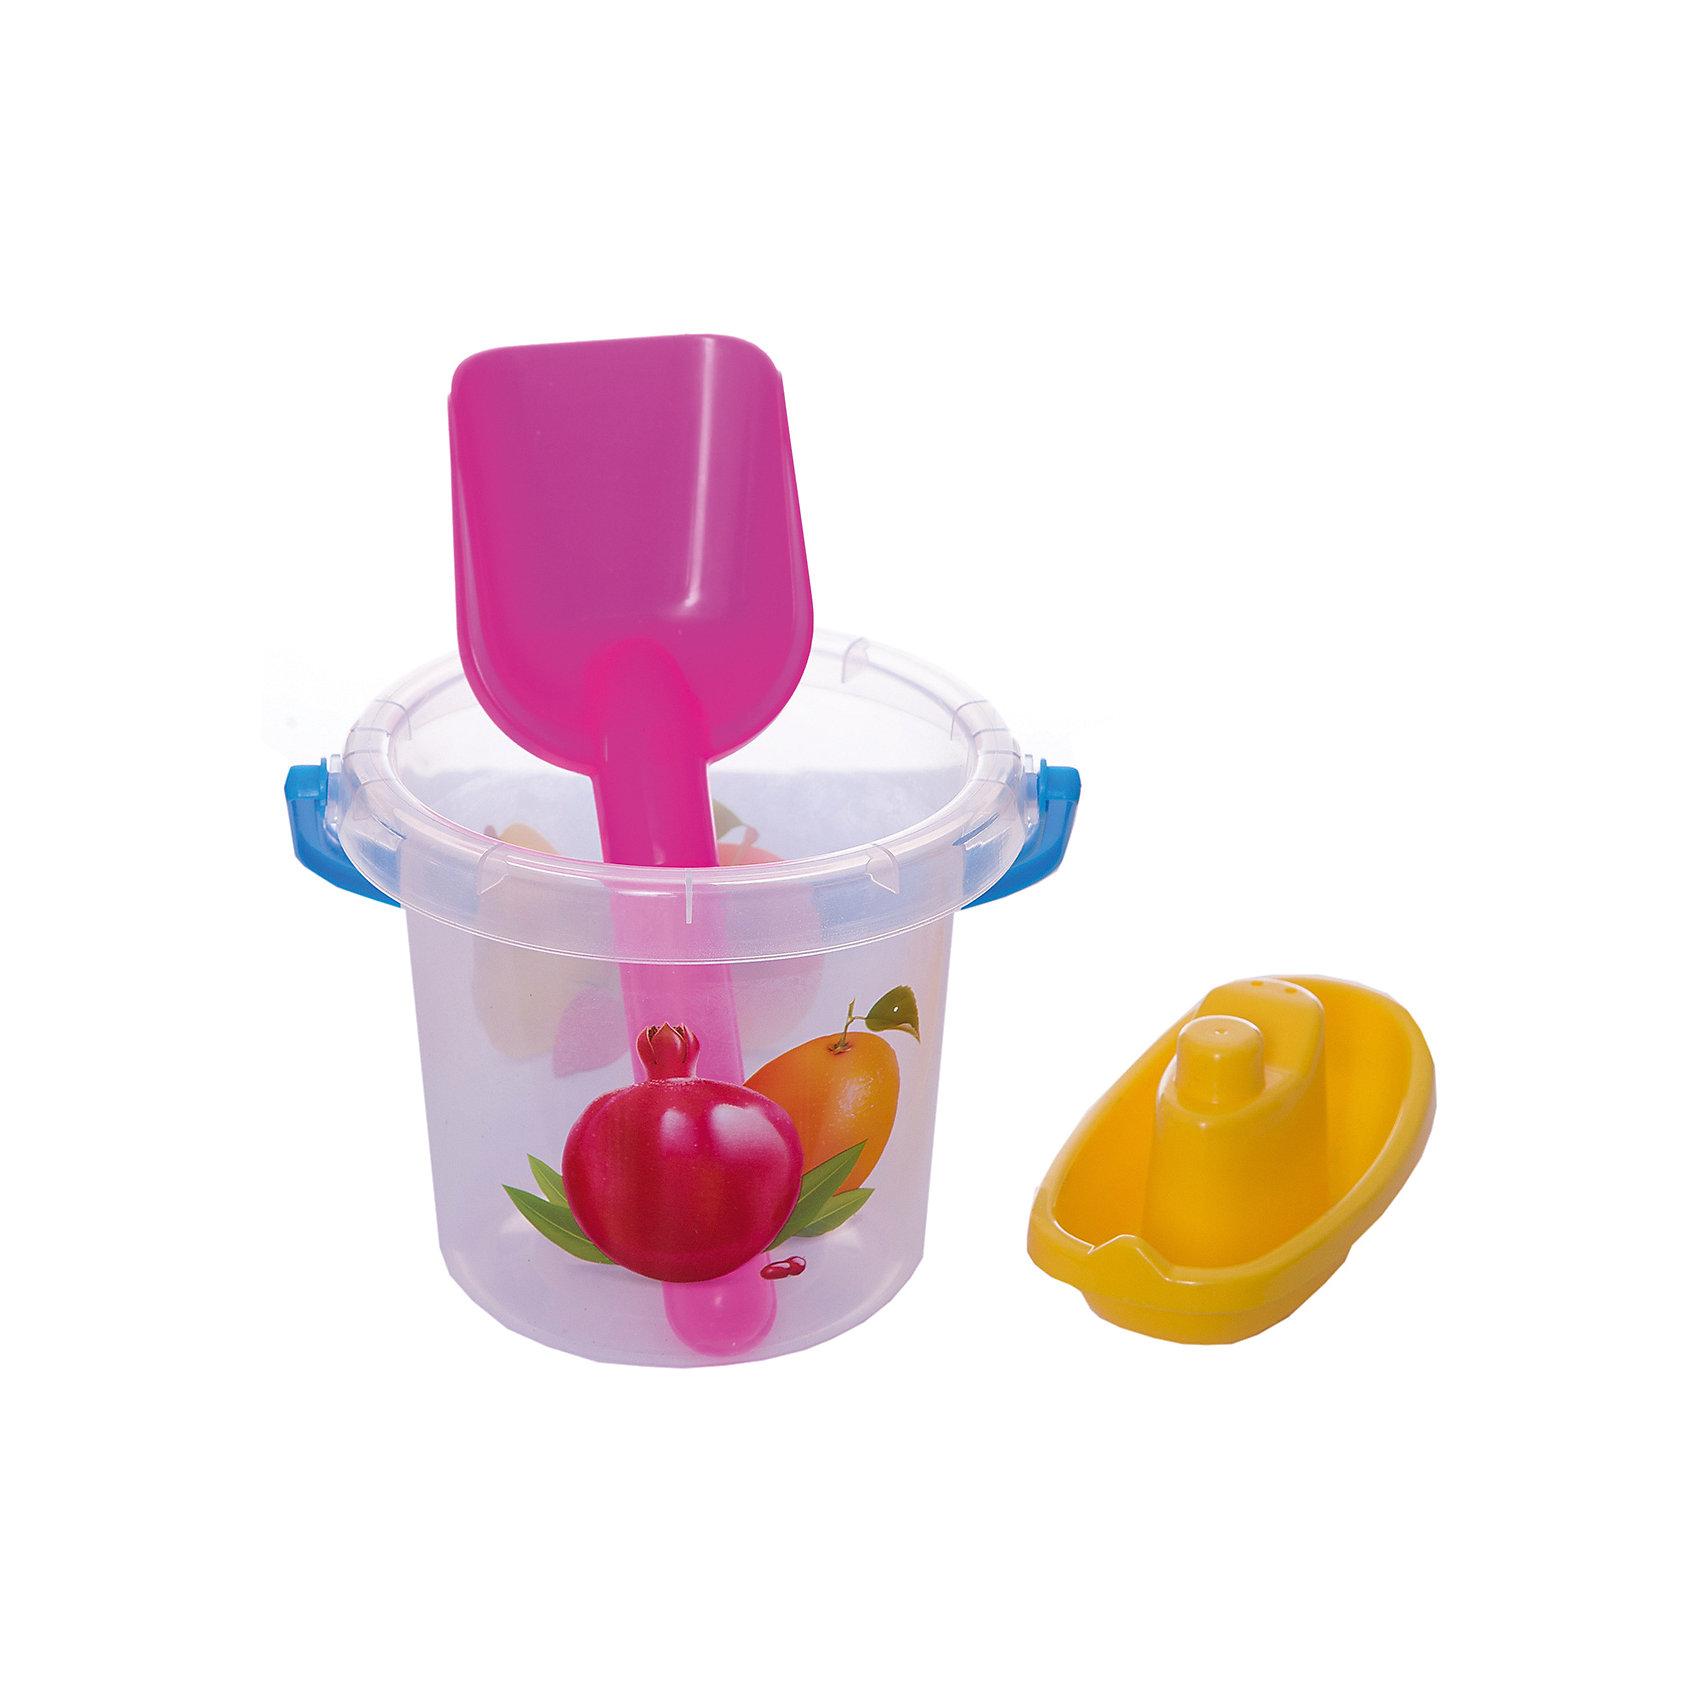 Песочный набор №121, СтелларИграем в песочнице<br>Песочный набор №121, Стеллар<br><br>Характеристики:<br><br>• яркие цвета<br>• безопасные материалы<br>• в комплекте: ведерко, совок, кораблик<br>• длина совка: 19 см<br>• объем ведерка: 0,8 л<br>• материал: пластик<br>• размер упаковки: 15х15х20 см<br>• вес: 150 грамм<br><br>Песочный набор №121 - отличный вариант для игр на пляже или в песочнице. Набор состоит из ведерка, совка и кораблика. Ребенок сможет построить большую башенку, а кораблик можно отправить в плавание под присмотром родителей. Яркий рисунок на ведерке обязательно привлечет внимание юных строителей.<br><br>Песочный набор №121, Стеллар вы можете купить в нашем интернет-магазине.<br><br>Ширина мм: 150<br>Глубина мм: 150<br>Высота мм: 200<br>Вес г: 300<br>Возраст от месяцев: 36<br>Возраст до месяцев: 2147483647<br>Пол: Унисекс<br>Возраст: Детский<br>SKU: 5508074